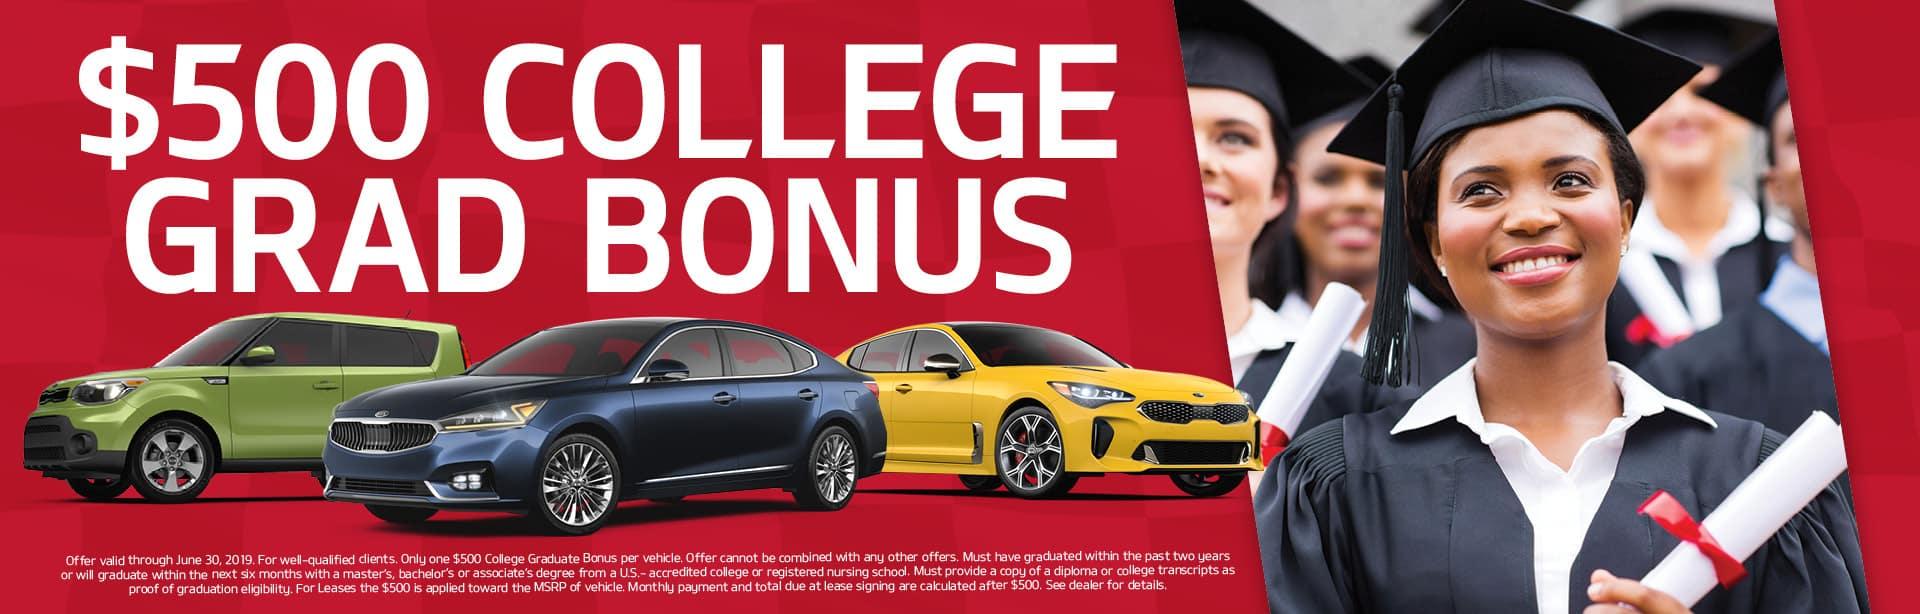 College Graduate Bonus Cash